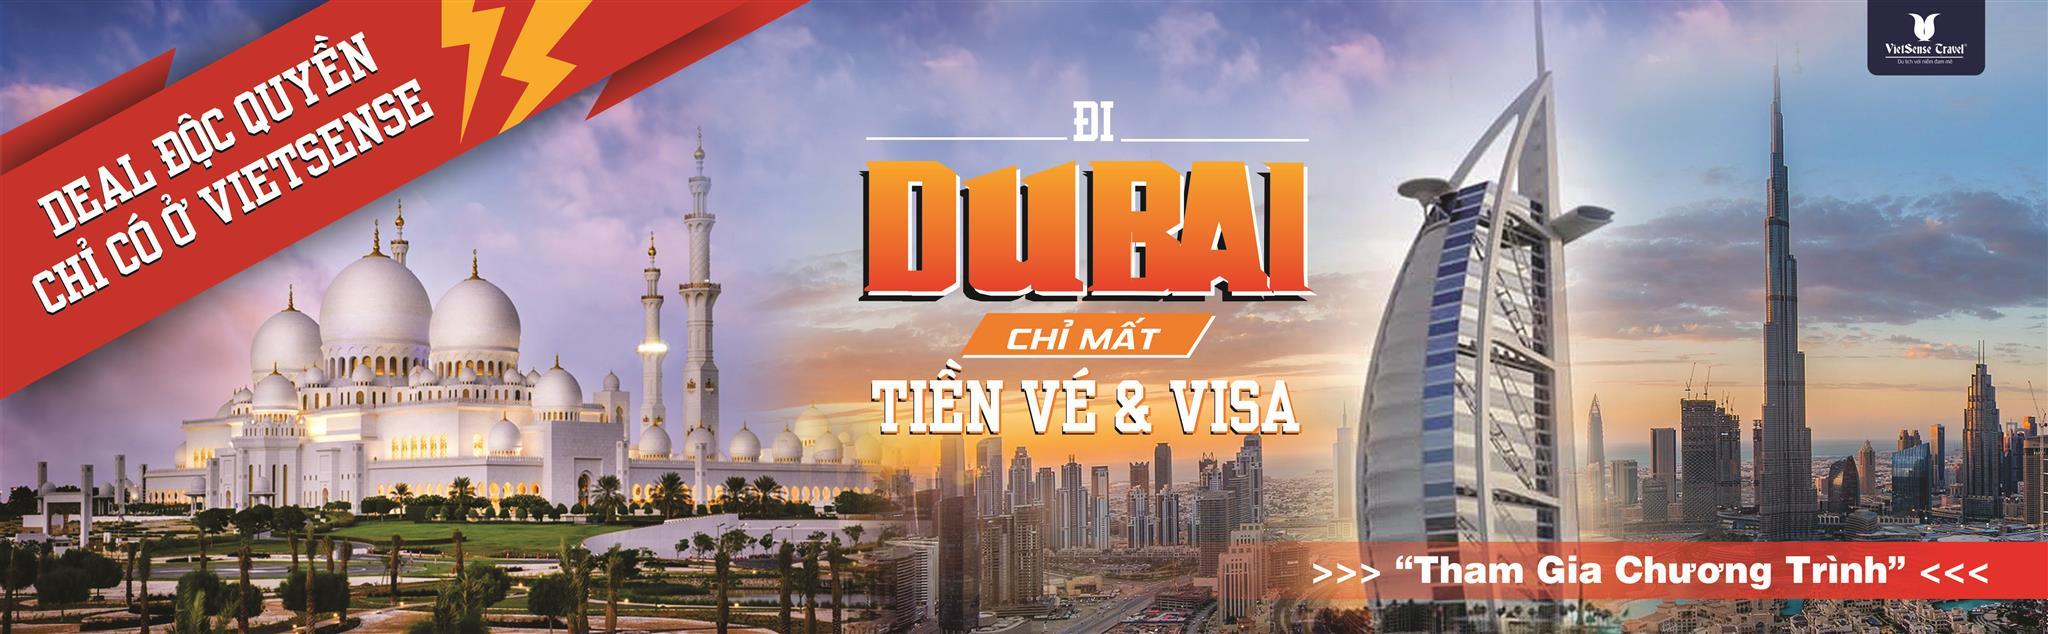 Lịch khởi hành tour Dubai từ Hà Nội & Hồ Chí Minh năm 2018